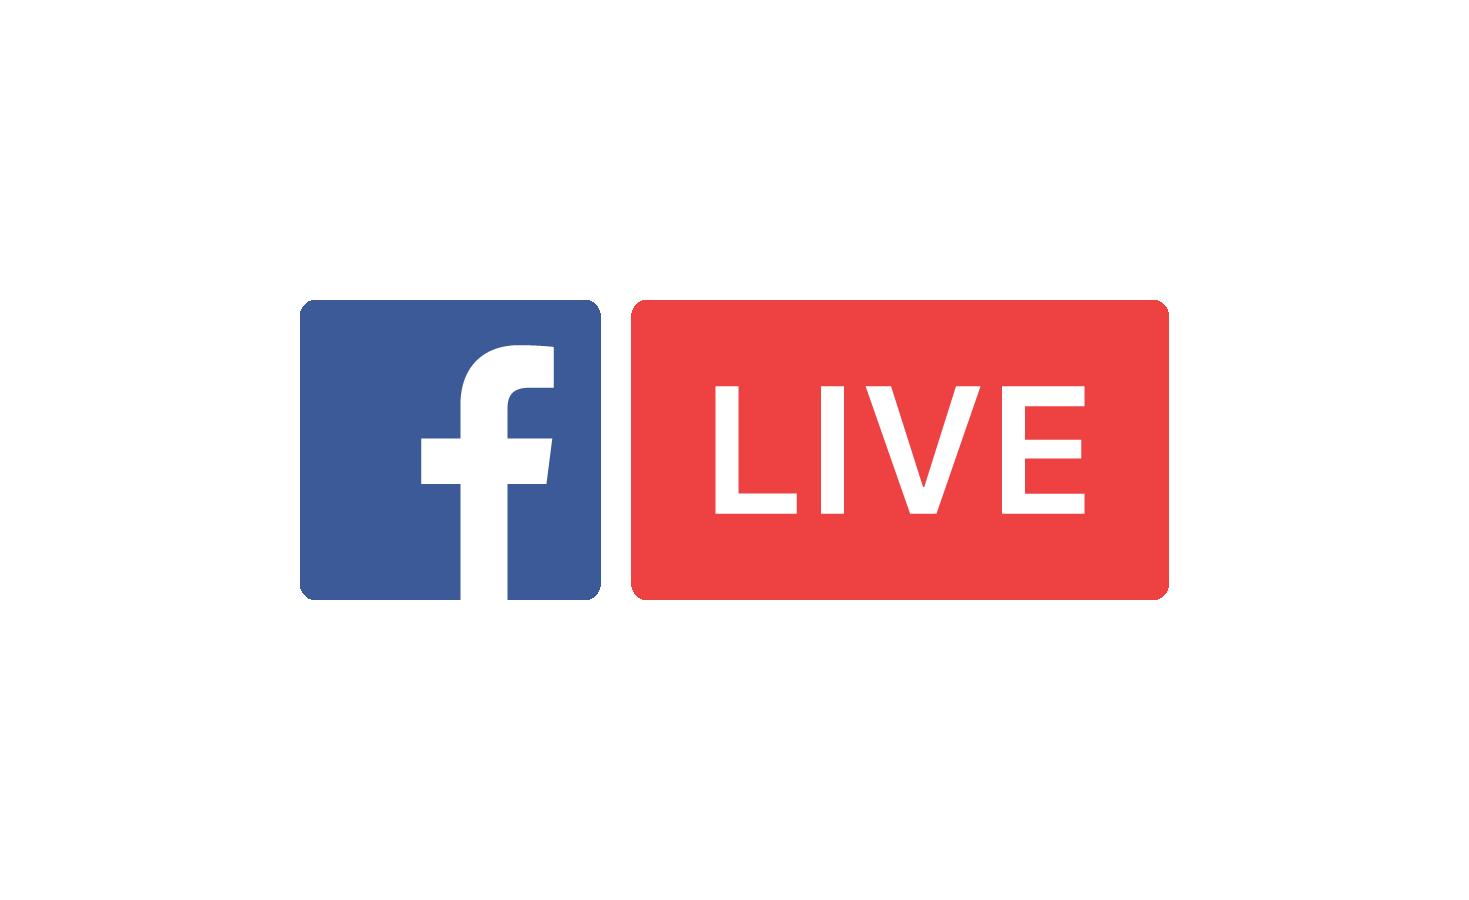 Facebook Live - Full Color.png